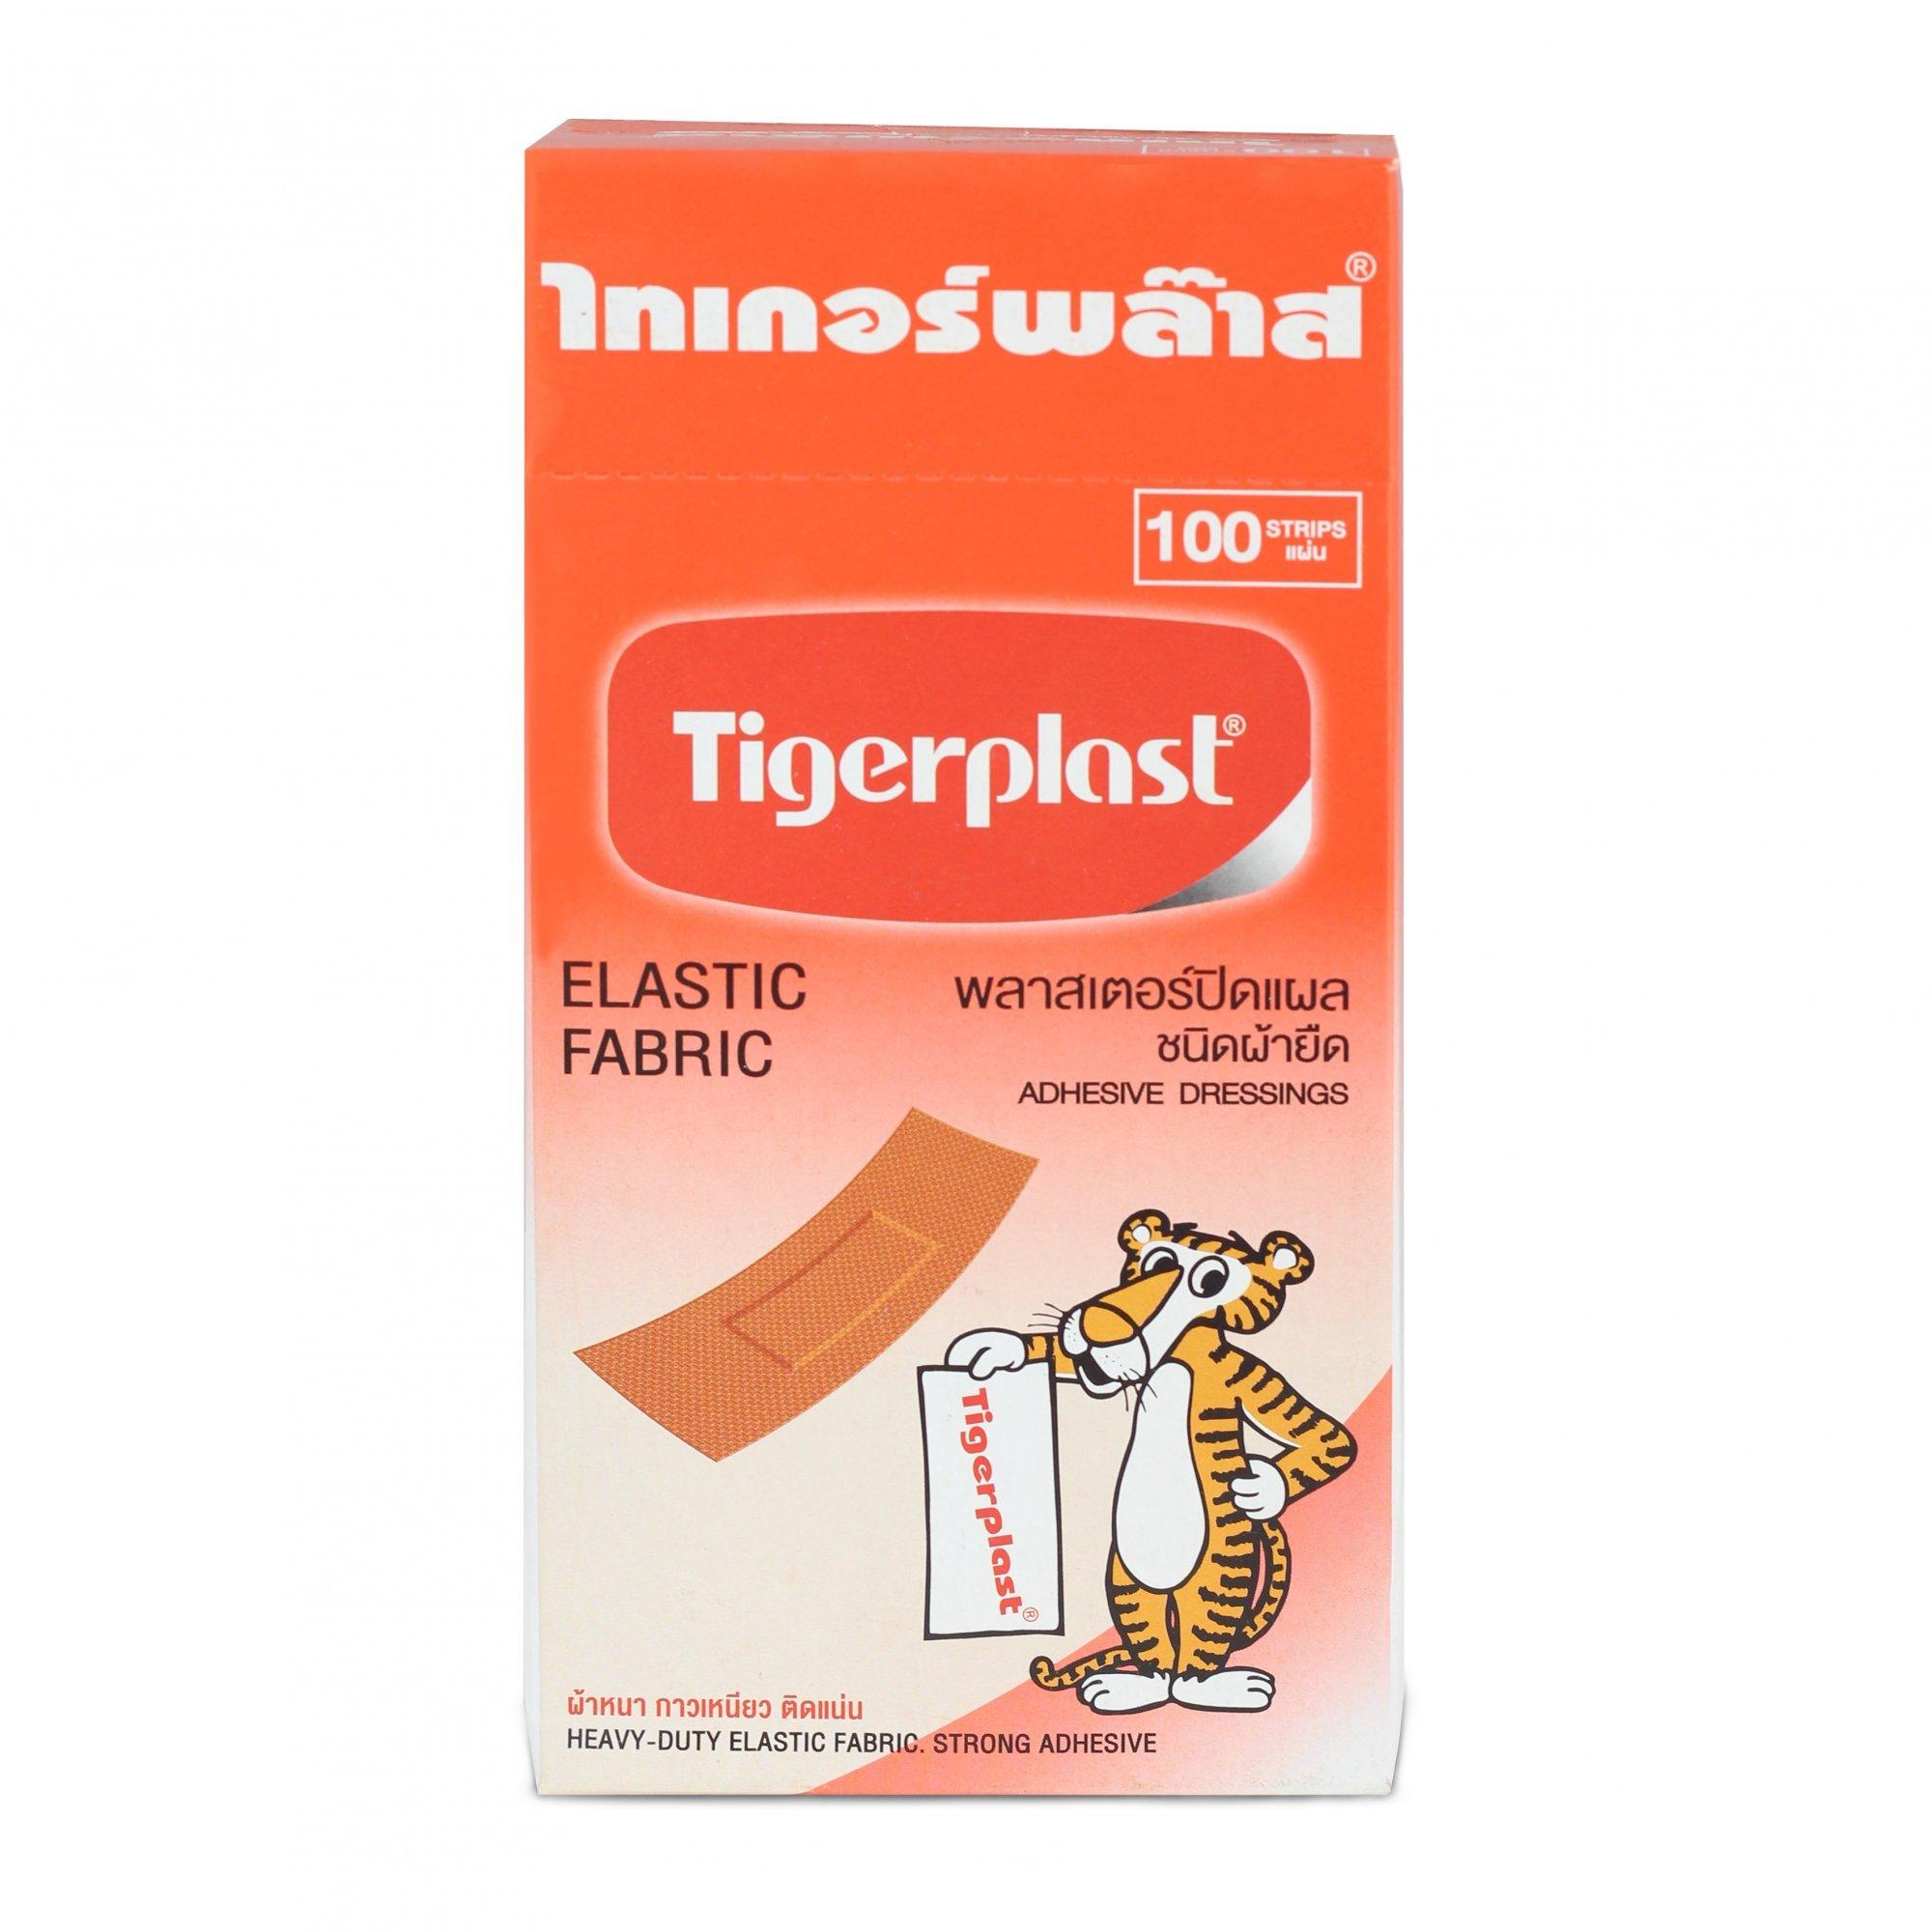 Băng cá nhân Tiger Plast - Da (hộp x 100)